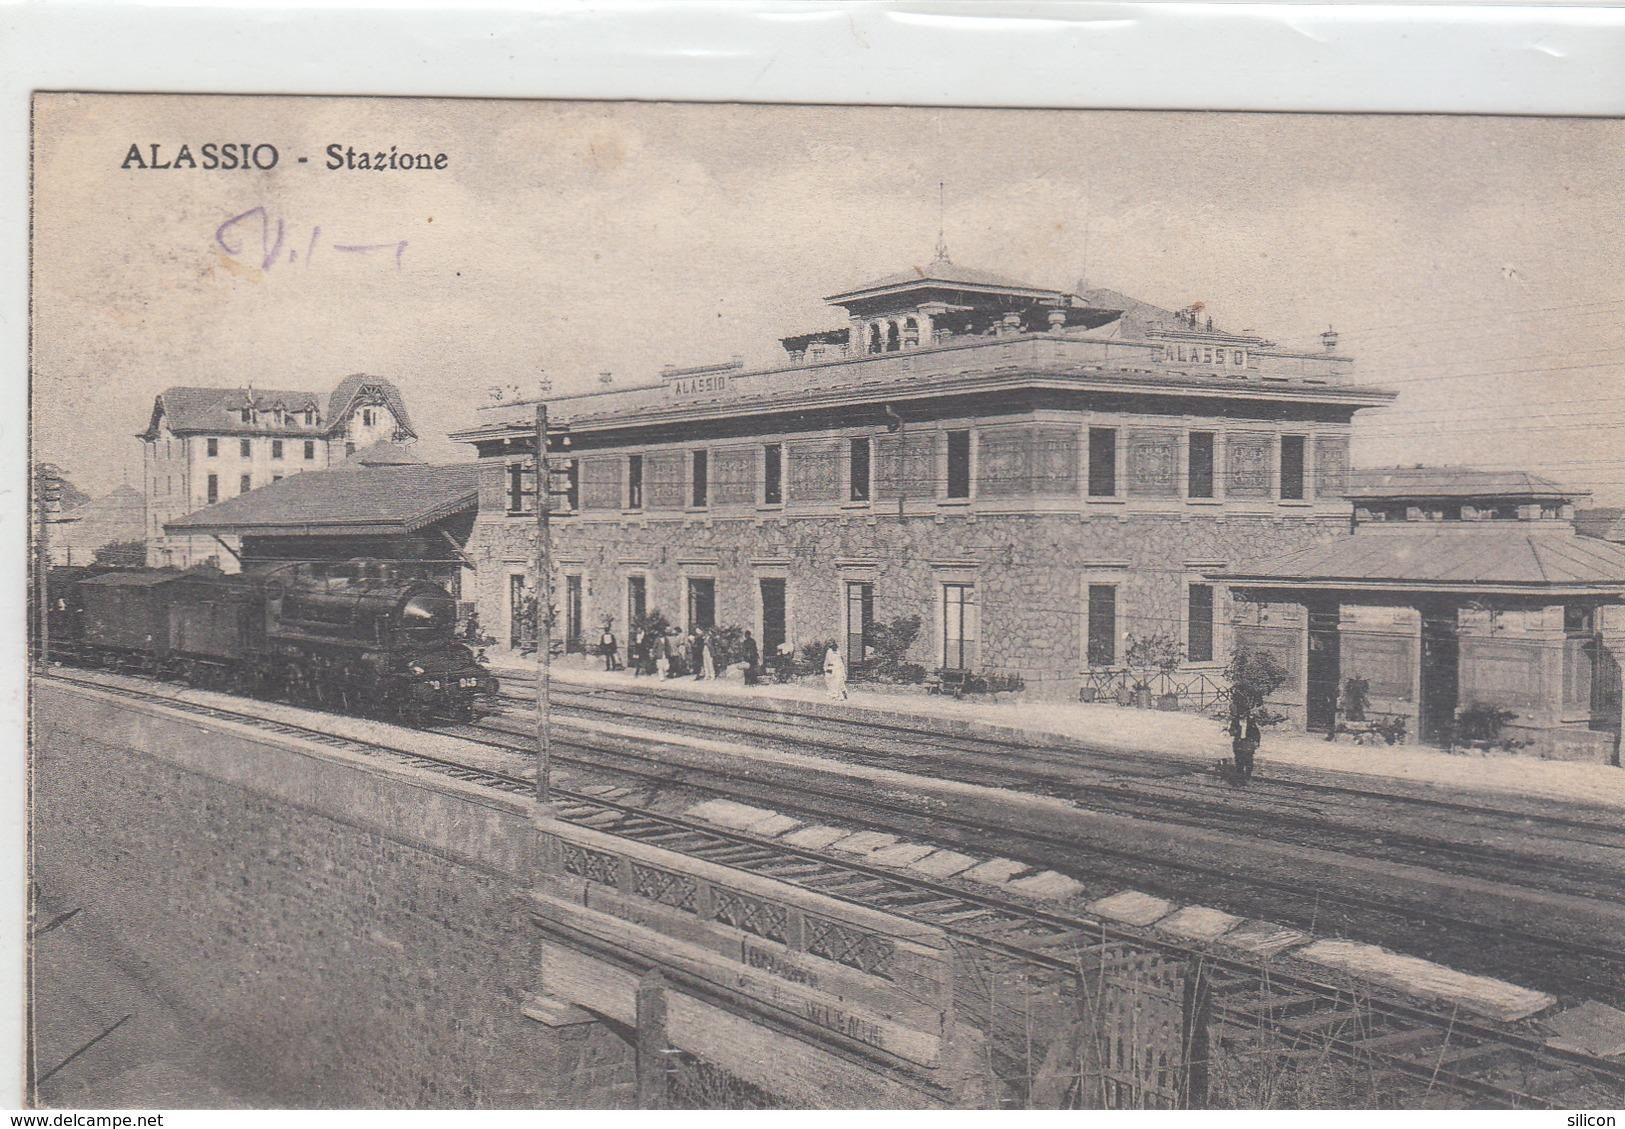 Alassio - Stazione, Treno In Arrivo - Savona